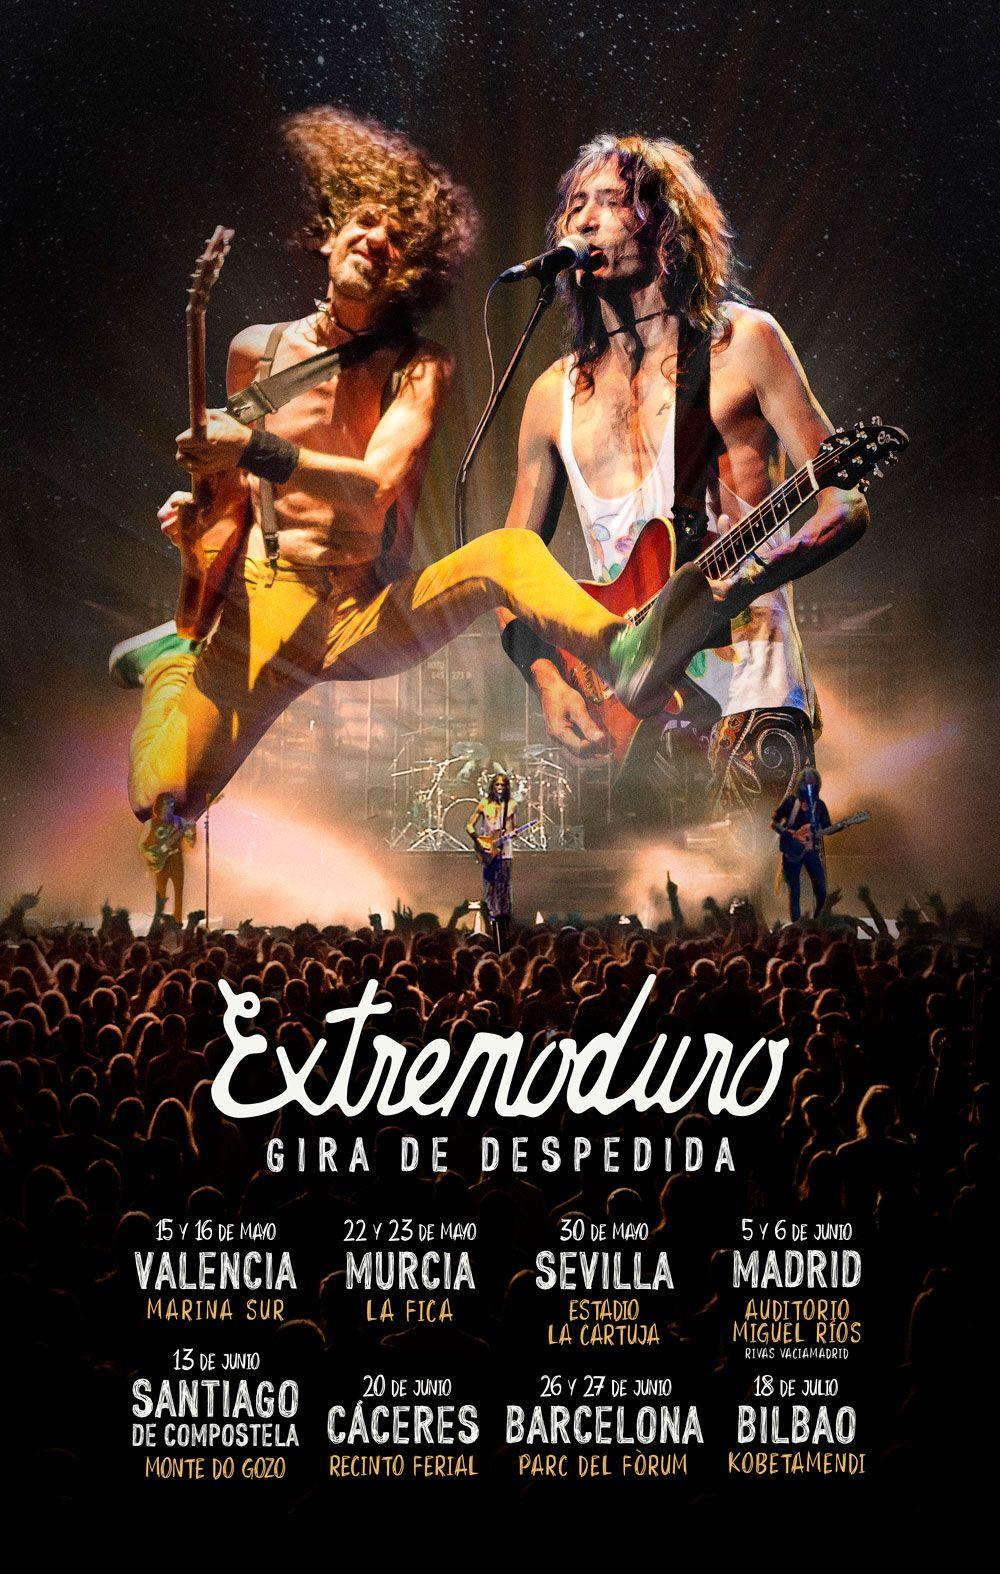 Extremoduro anuncia su gira de despedida con la que visitará Cáceres el 20 de junio del 2020